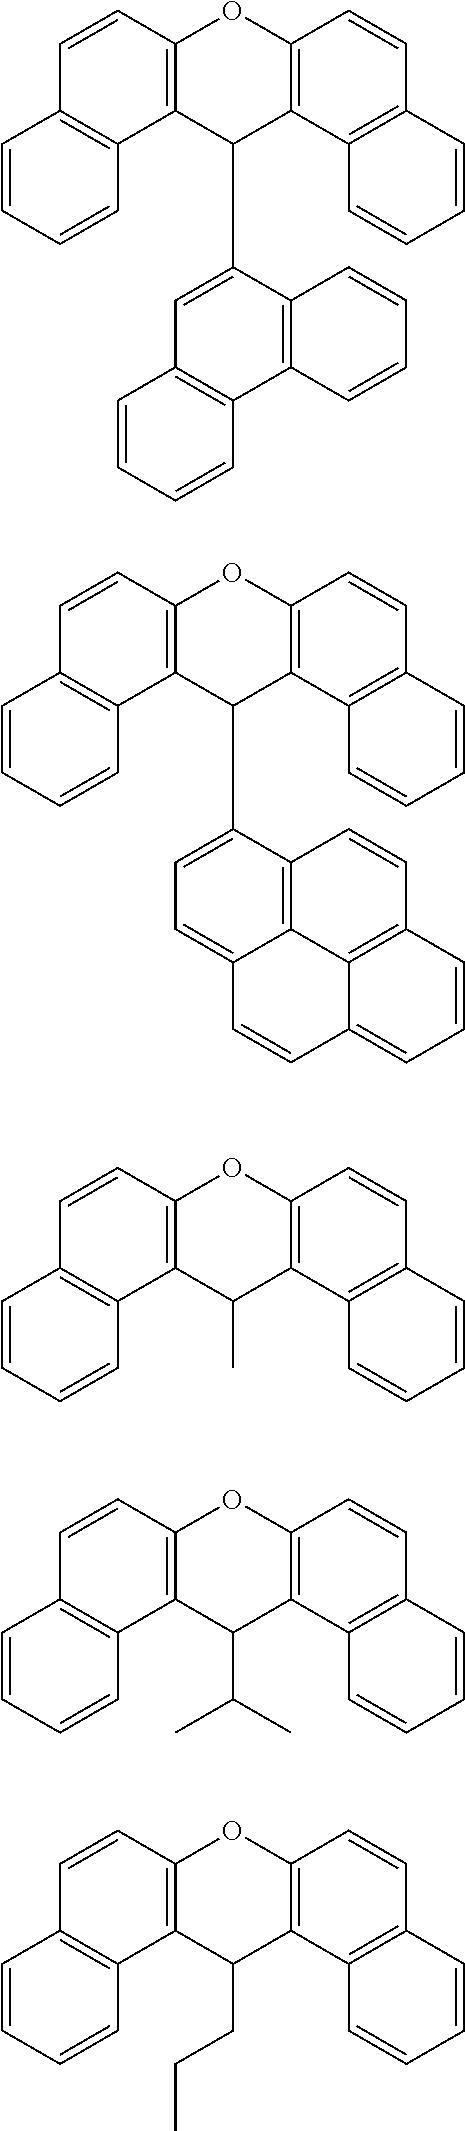 Figure US08795955-20140805-C00009